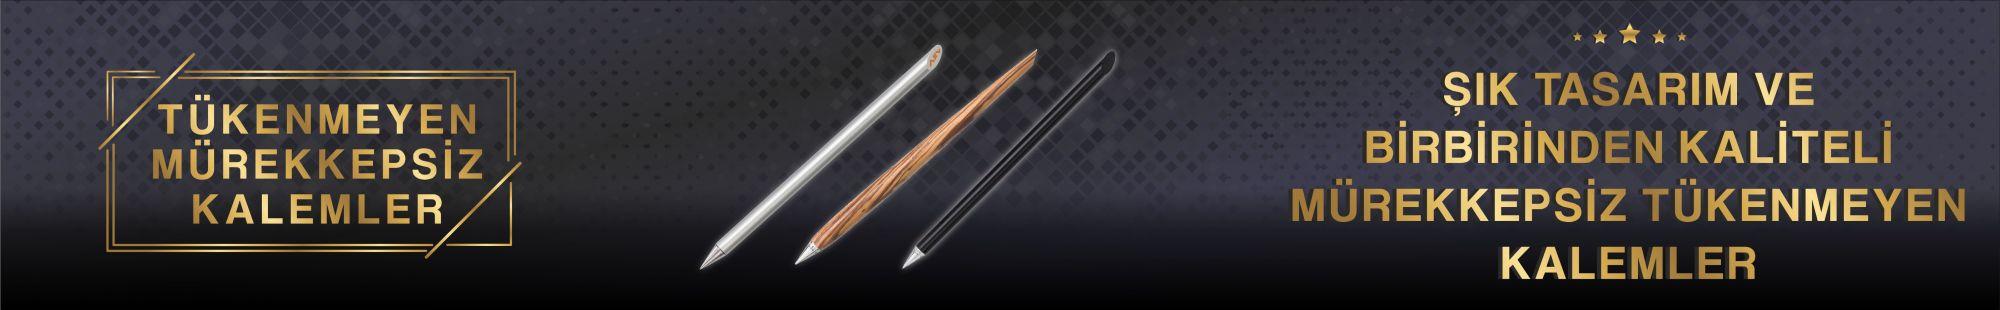 Tükenmeyen  Kalemler